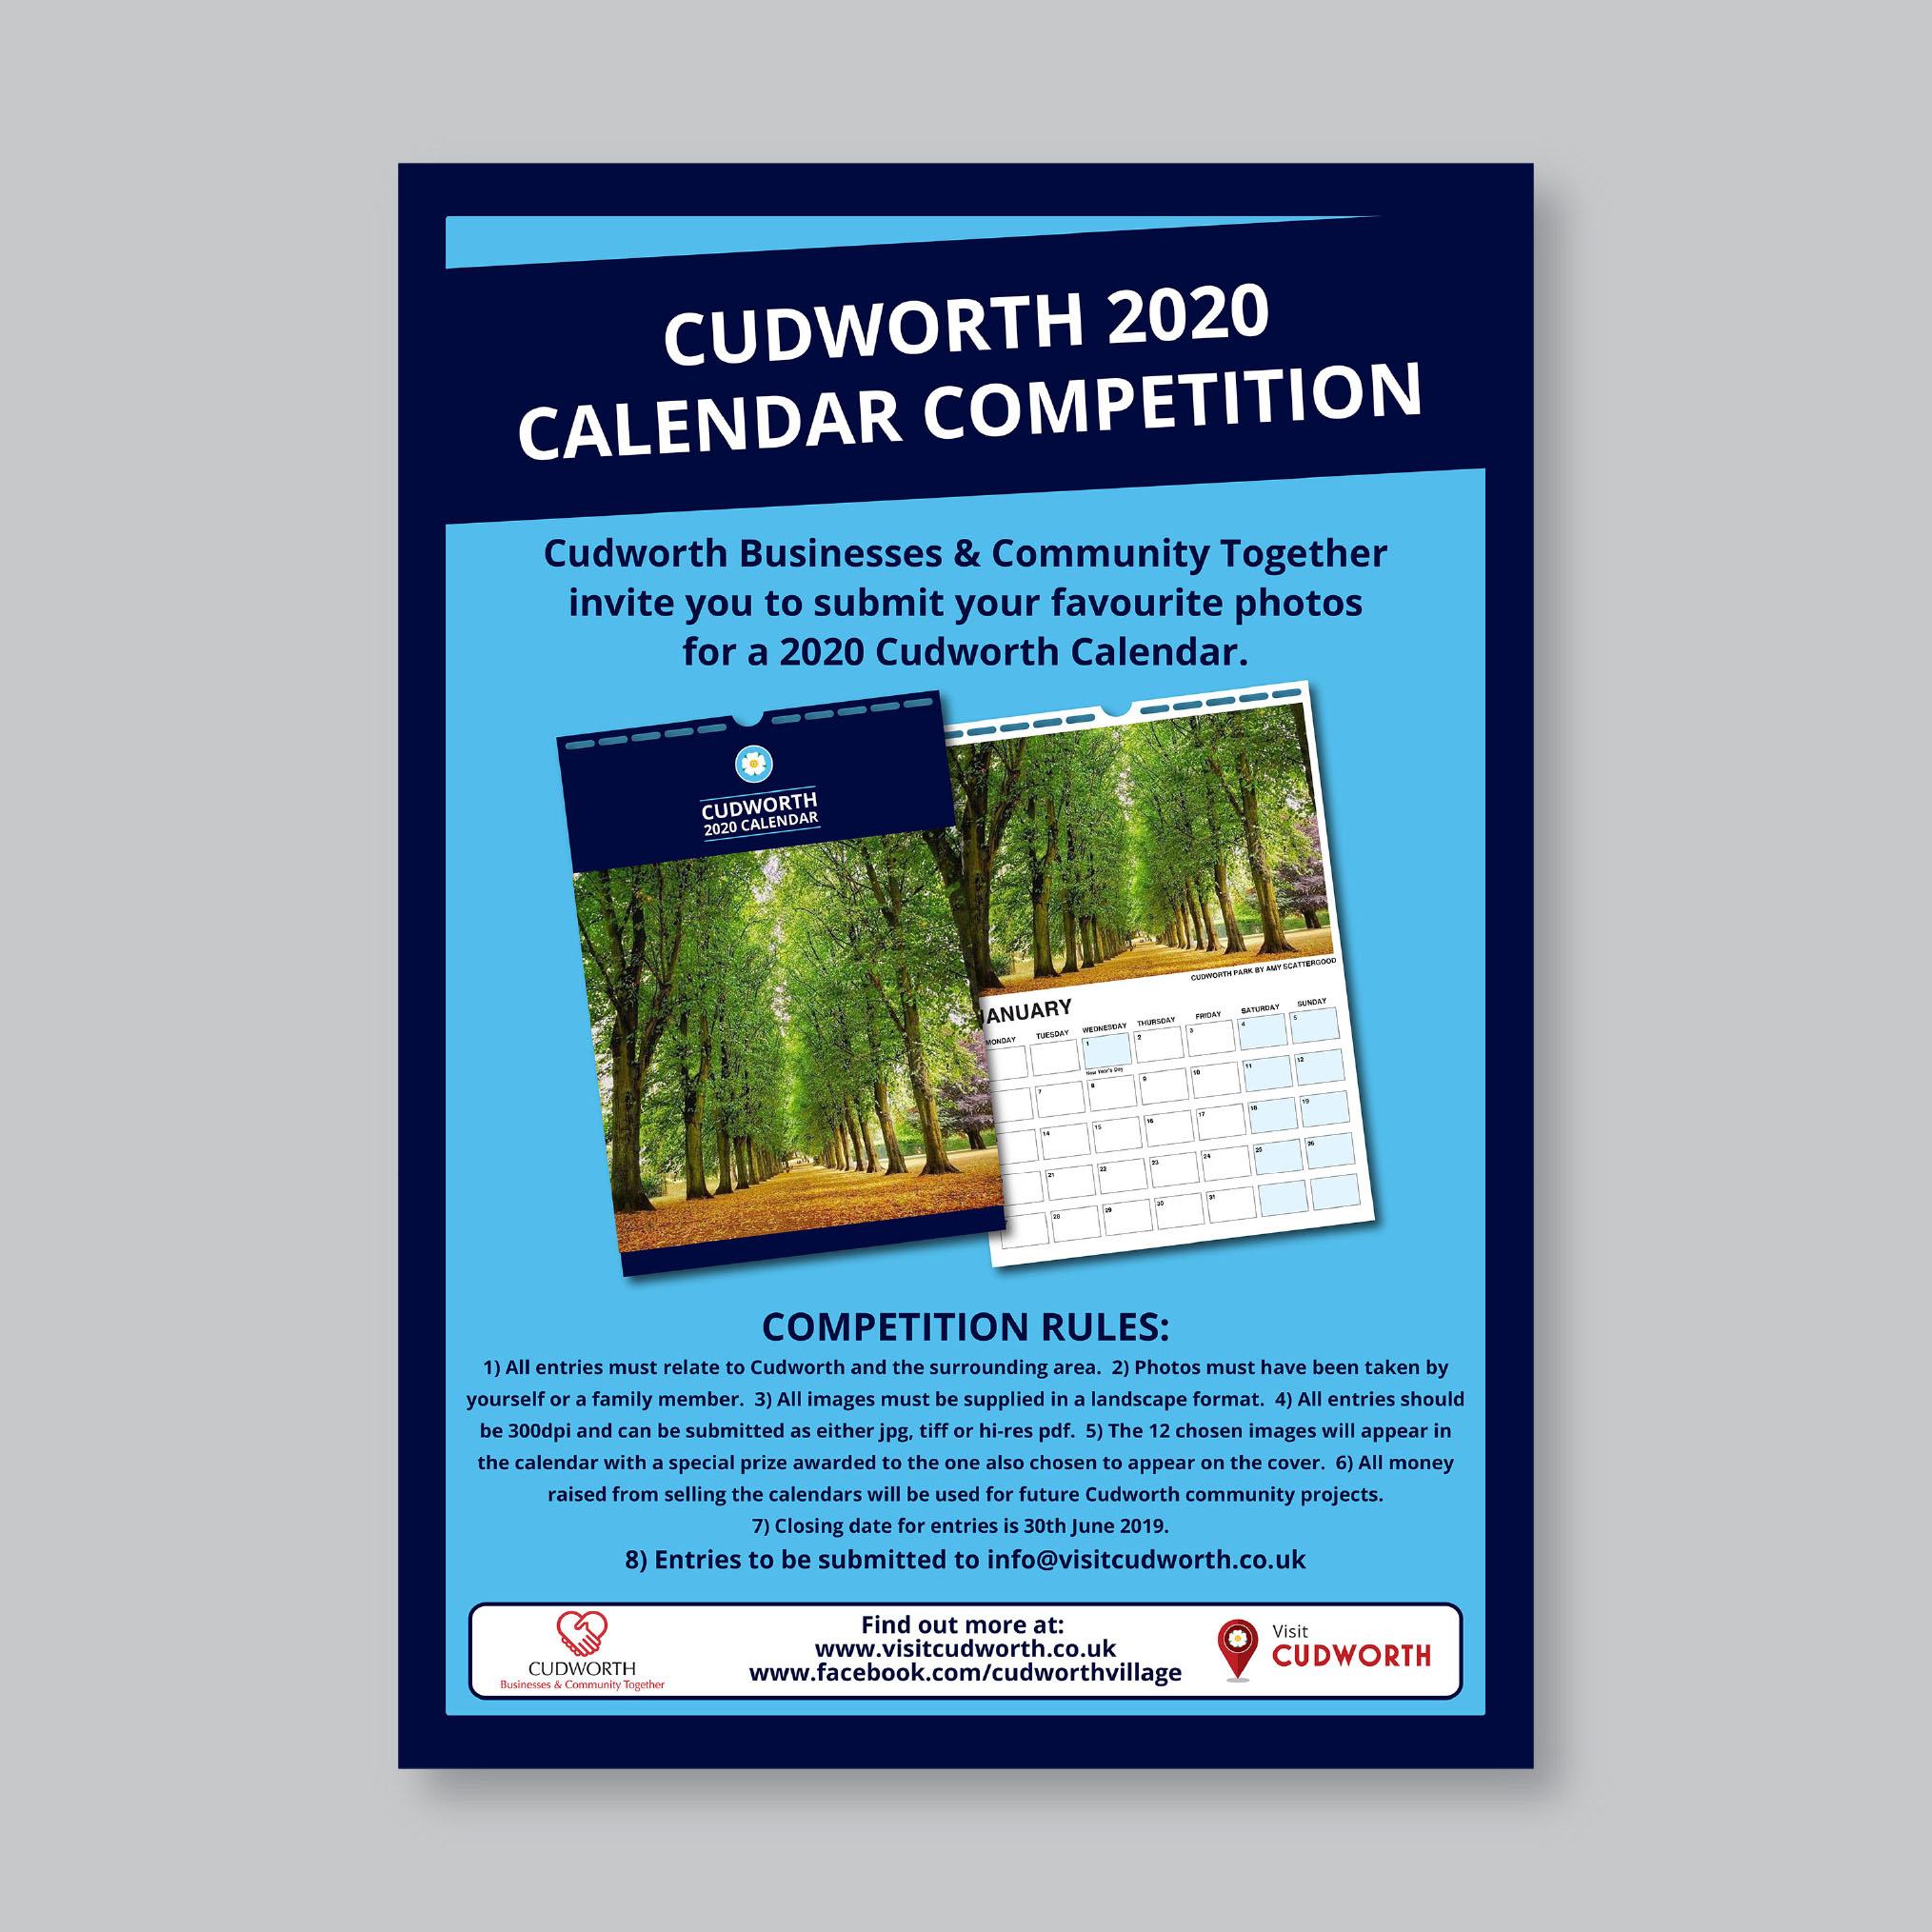 Cudworth Calendar